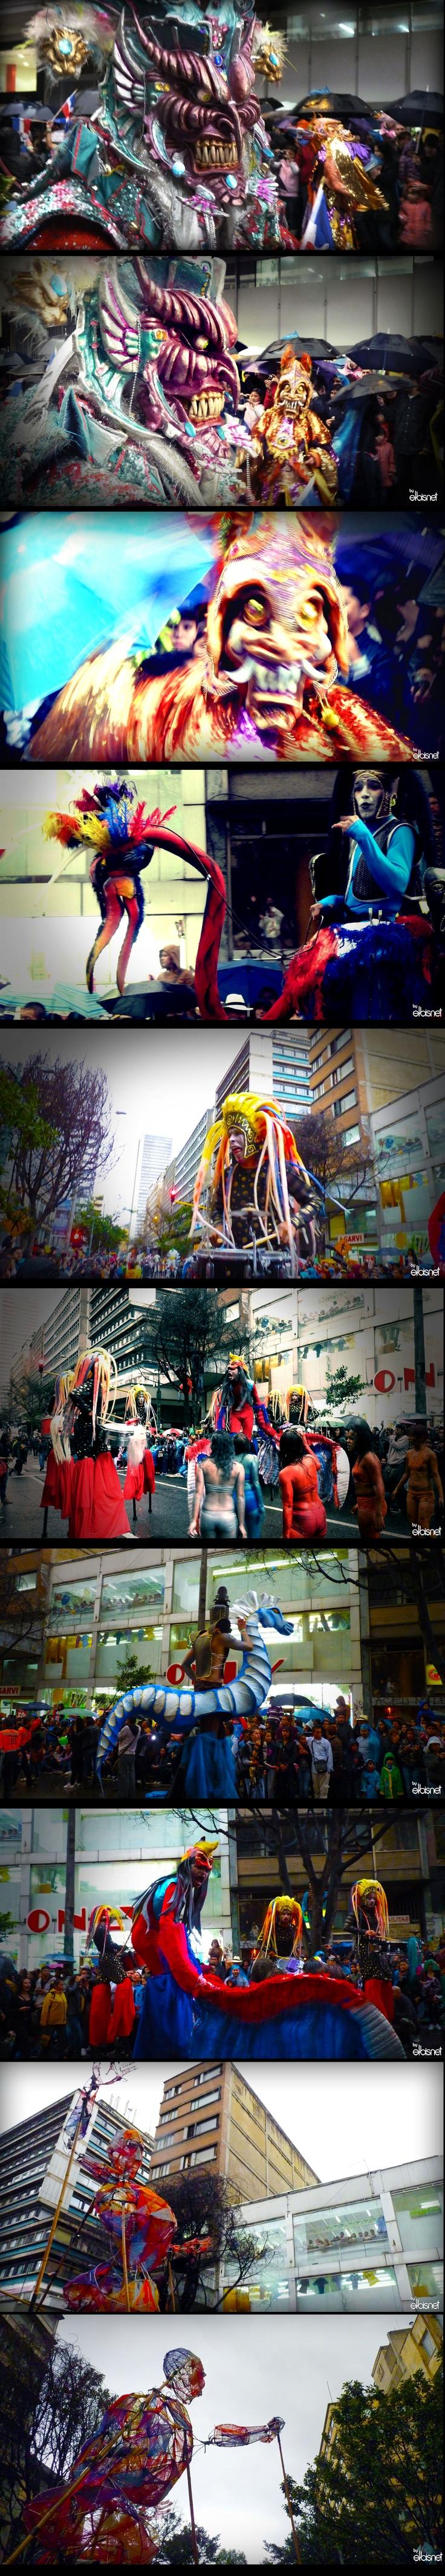 El desfile del Festival Iberoamericano de Teatro de Bogotá, en el lente de @elbisnet #ViveElTeatro